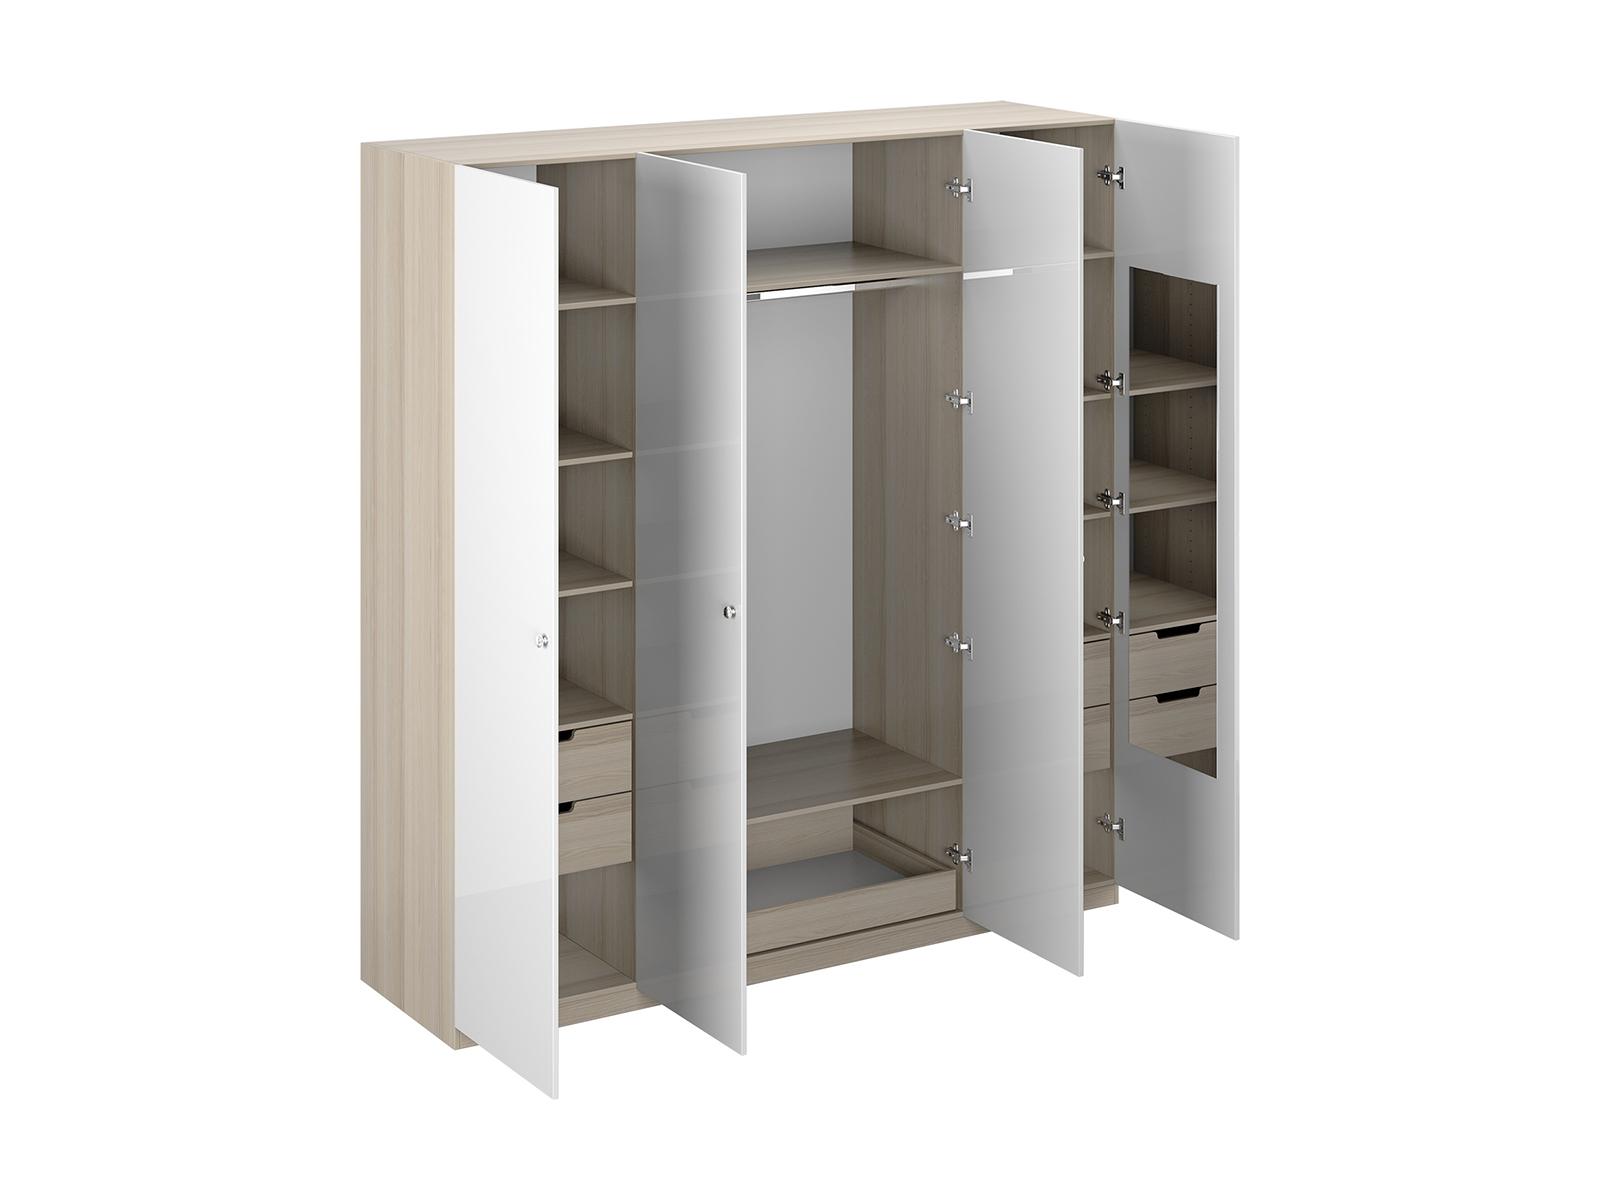 Шкаф UnoШкафы<br>Шкаф четырехдверный состоит их трёх отделений. В центральном отделении расположены две полки, штанга для одежды и выдвижной ящик. В левом и правом отделениях по - 4 полки и два выдвижных ящика. На одной дверце шкафа с внутренней стороны расположено зеркал...<br>